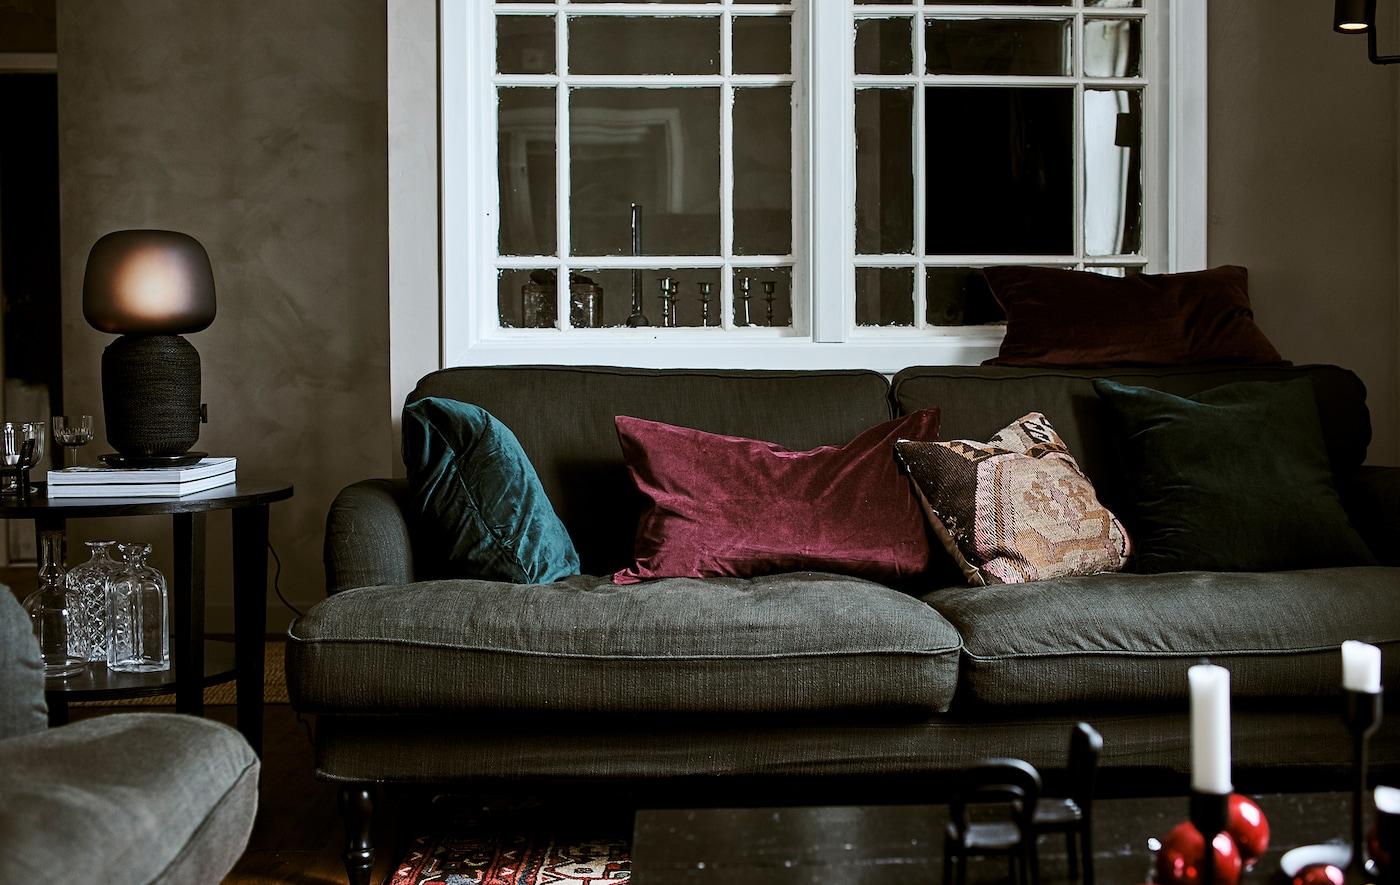 Sofá verde com almofadas em tons de pedras preciosas, numa sala com janela interior, mesa de centro com candeeiro de mesa e tapete persa.